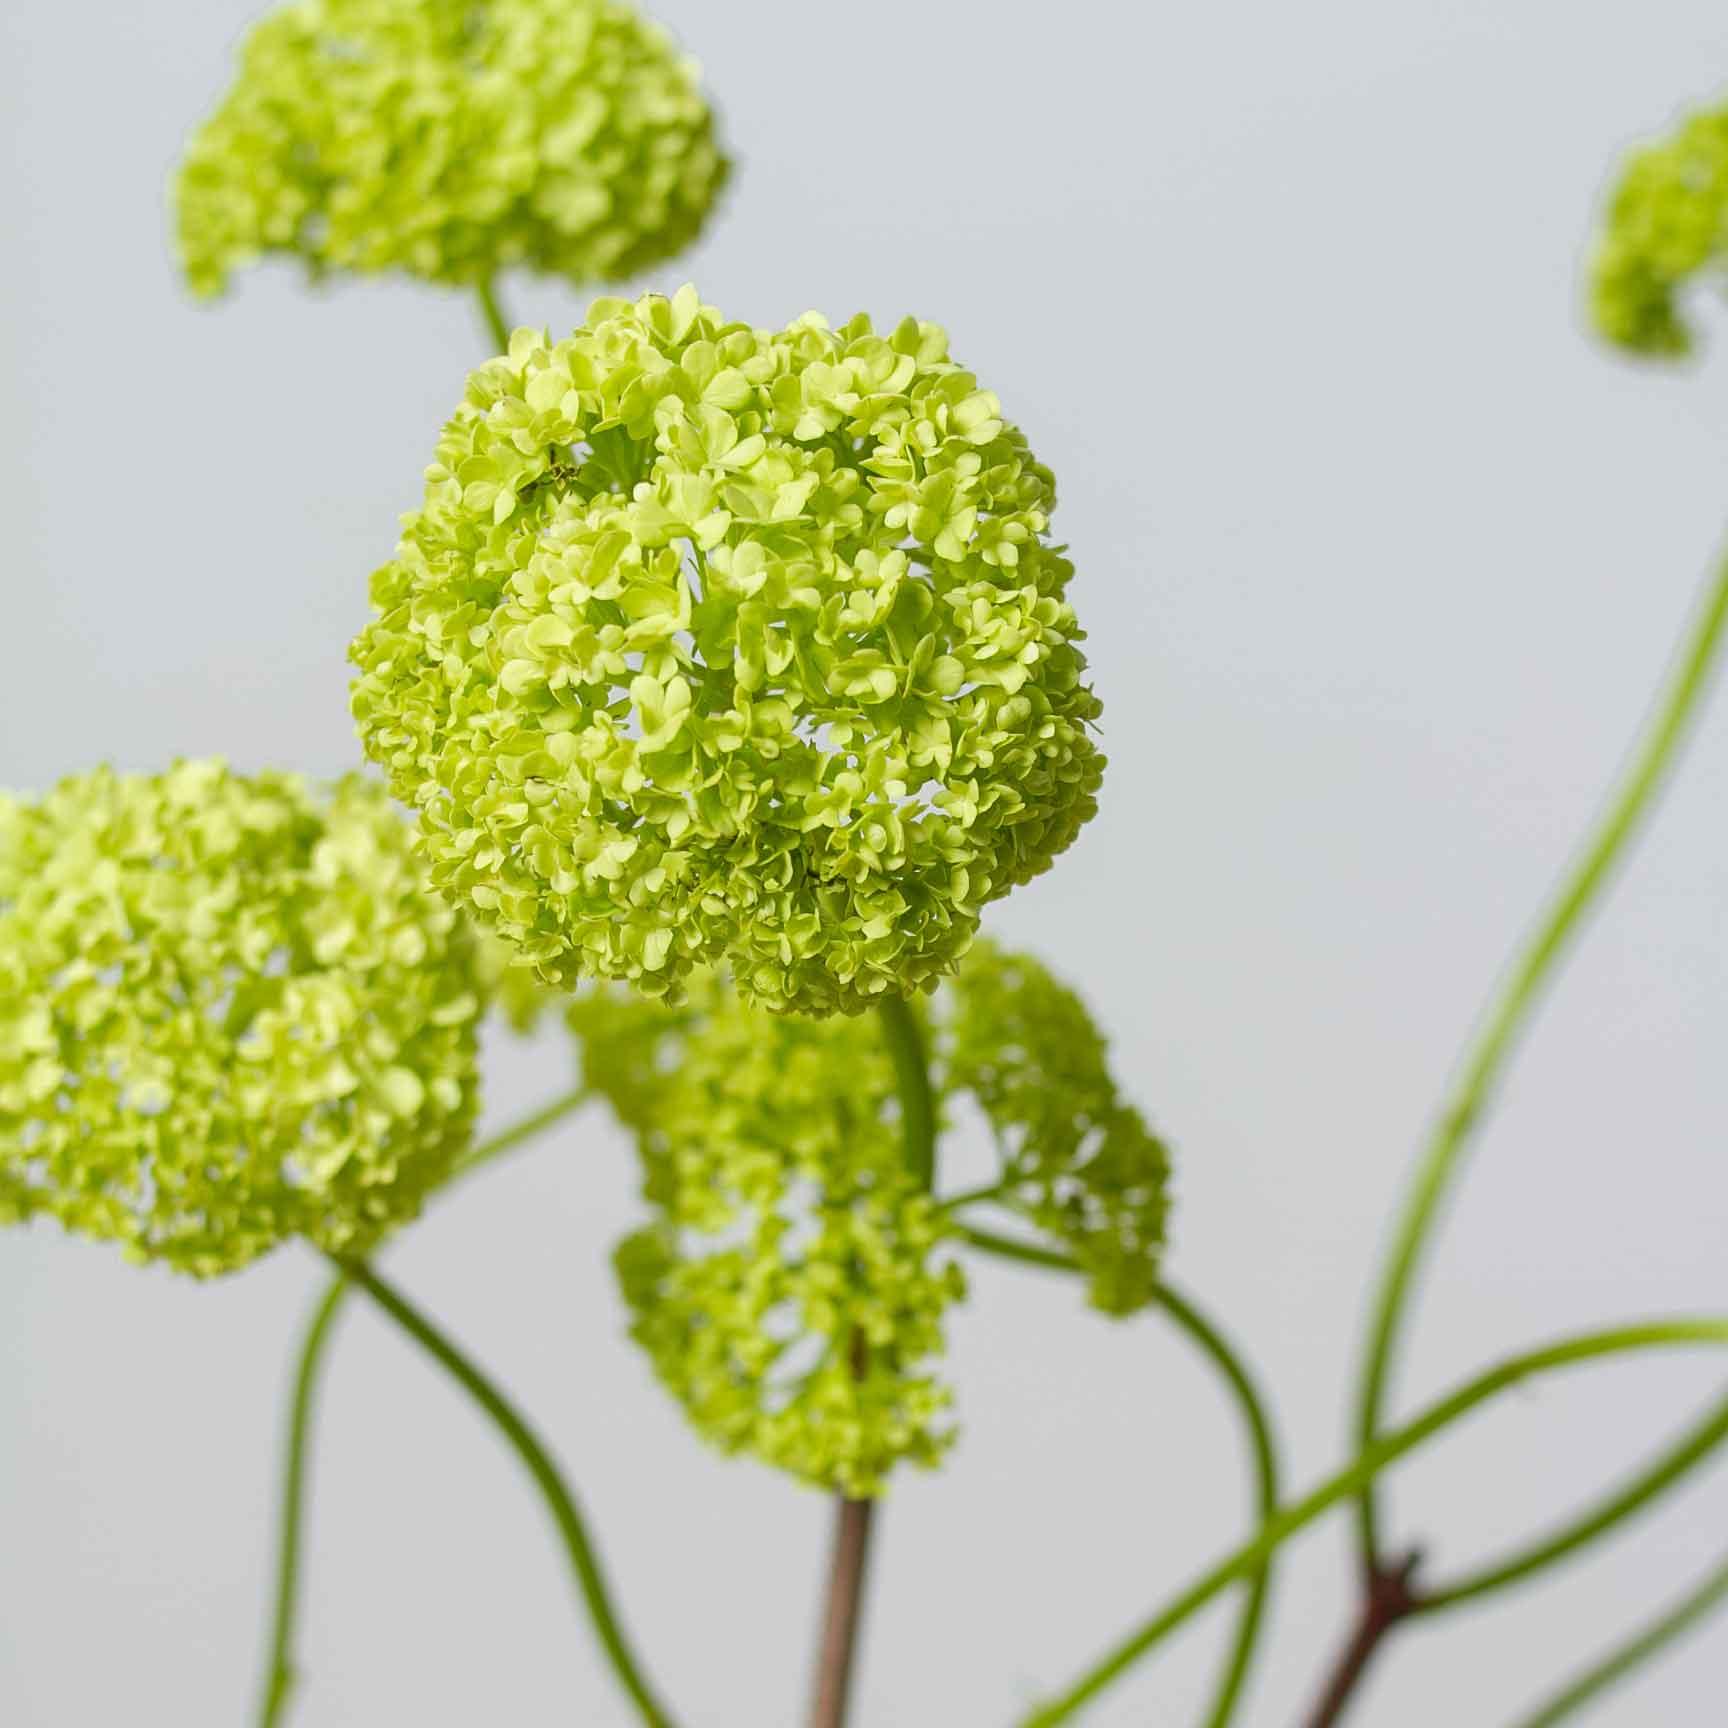 Вибурнум - цветы в Спб